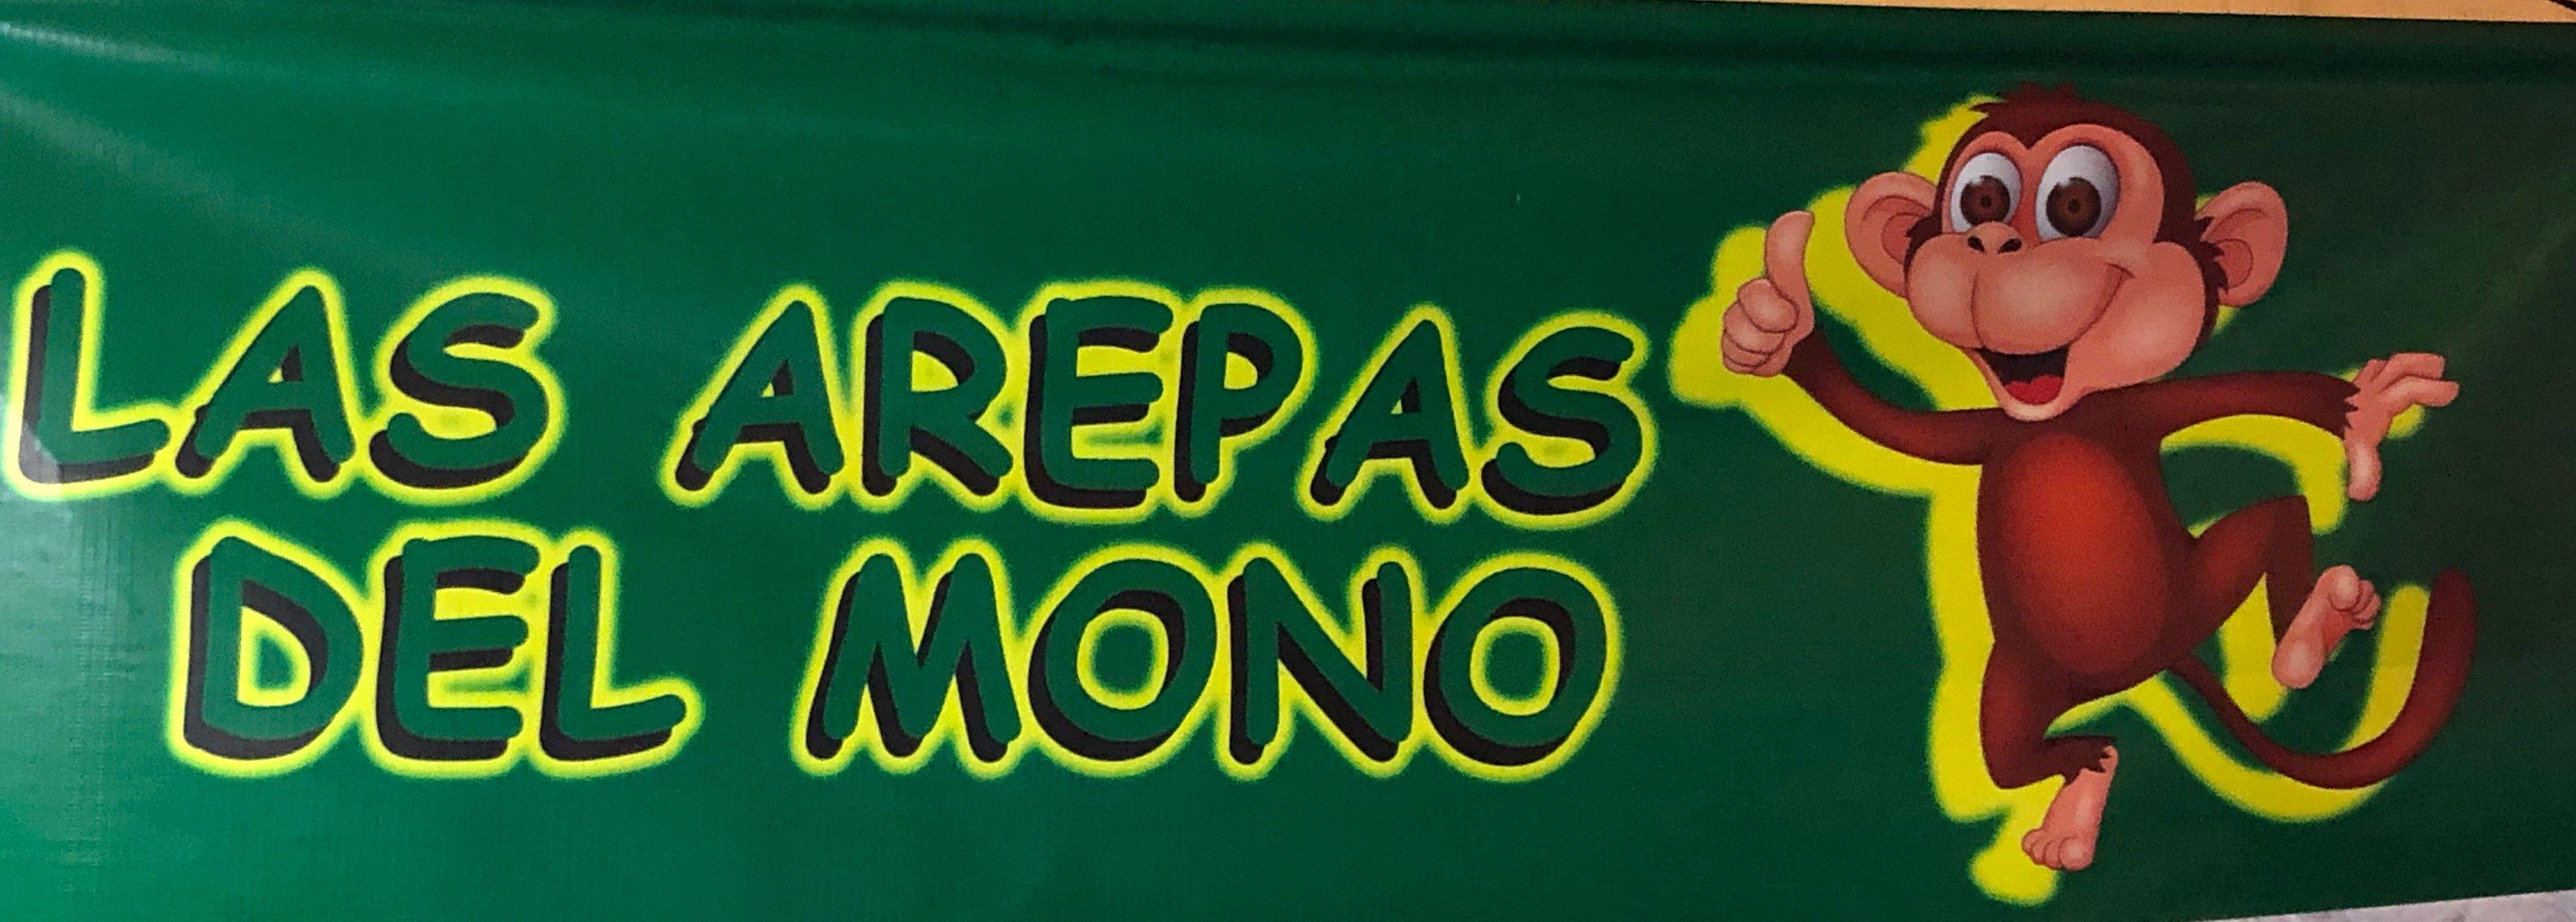 Las Arepas del Mono